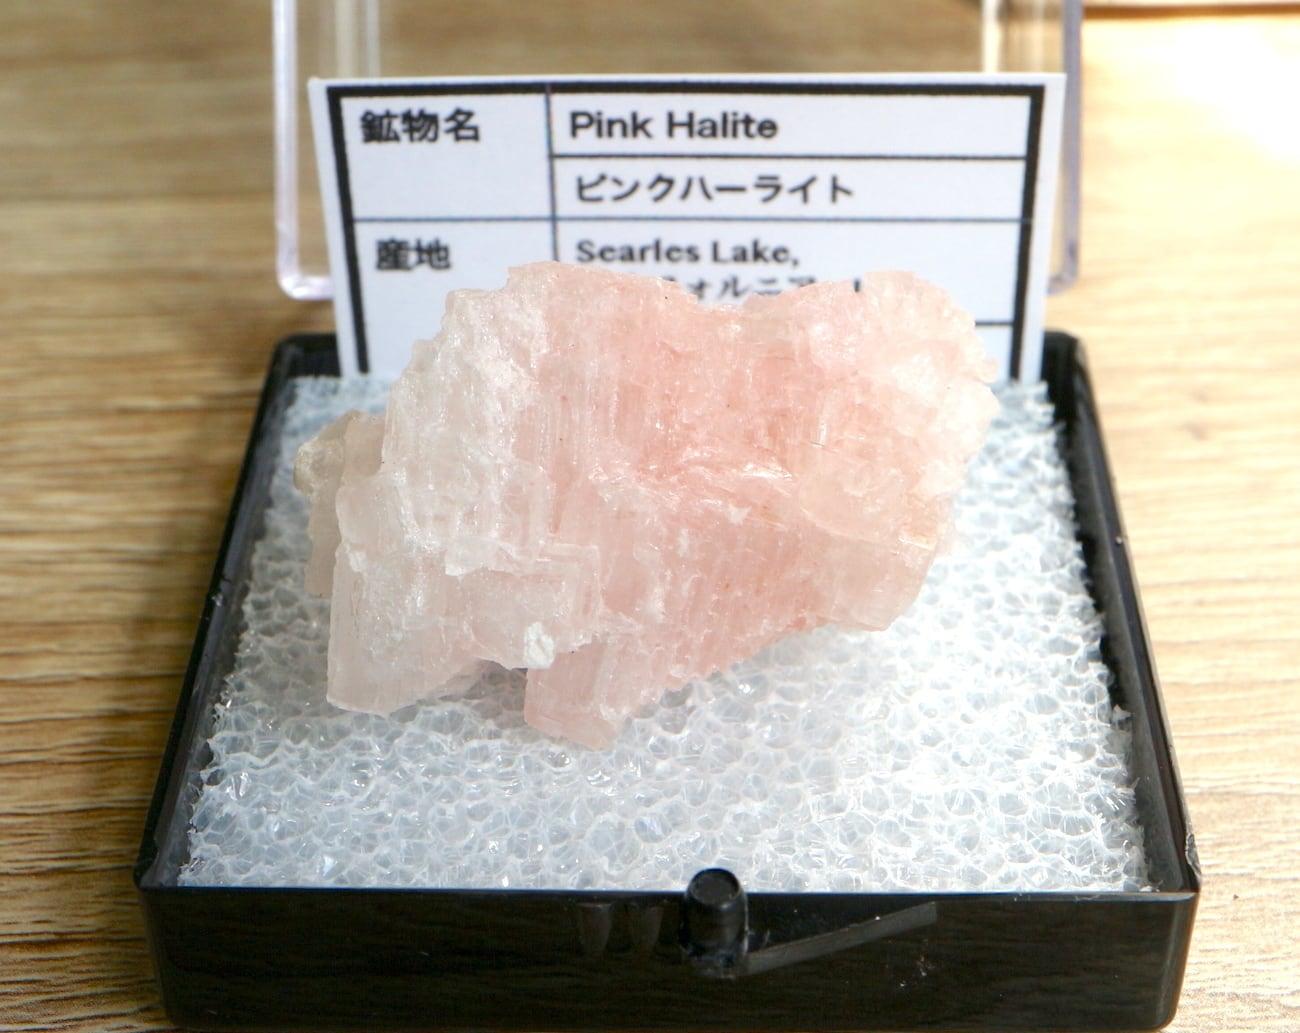 ピンクハーライト カリフォルニア産 ケース入りM#2 岩塩 PH071 鉱物 天然石 浄化 パワーストーン